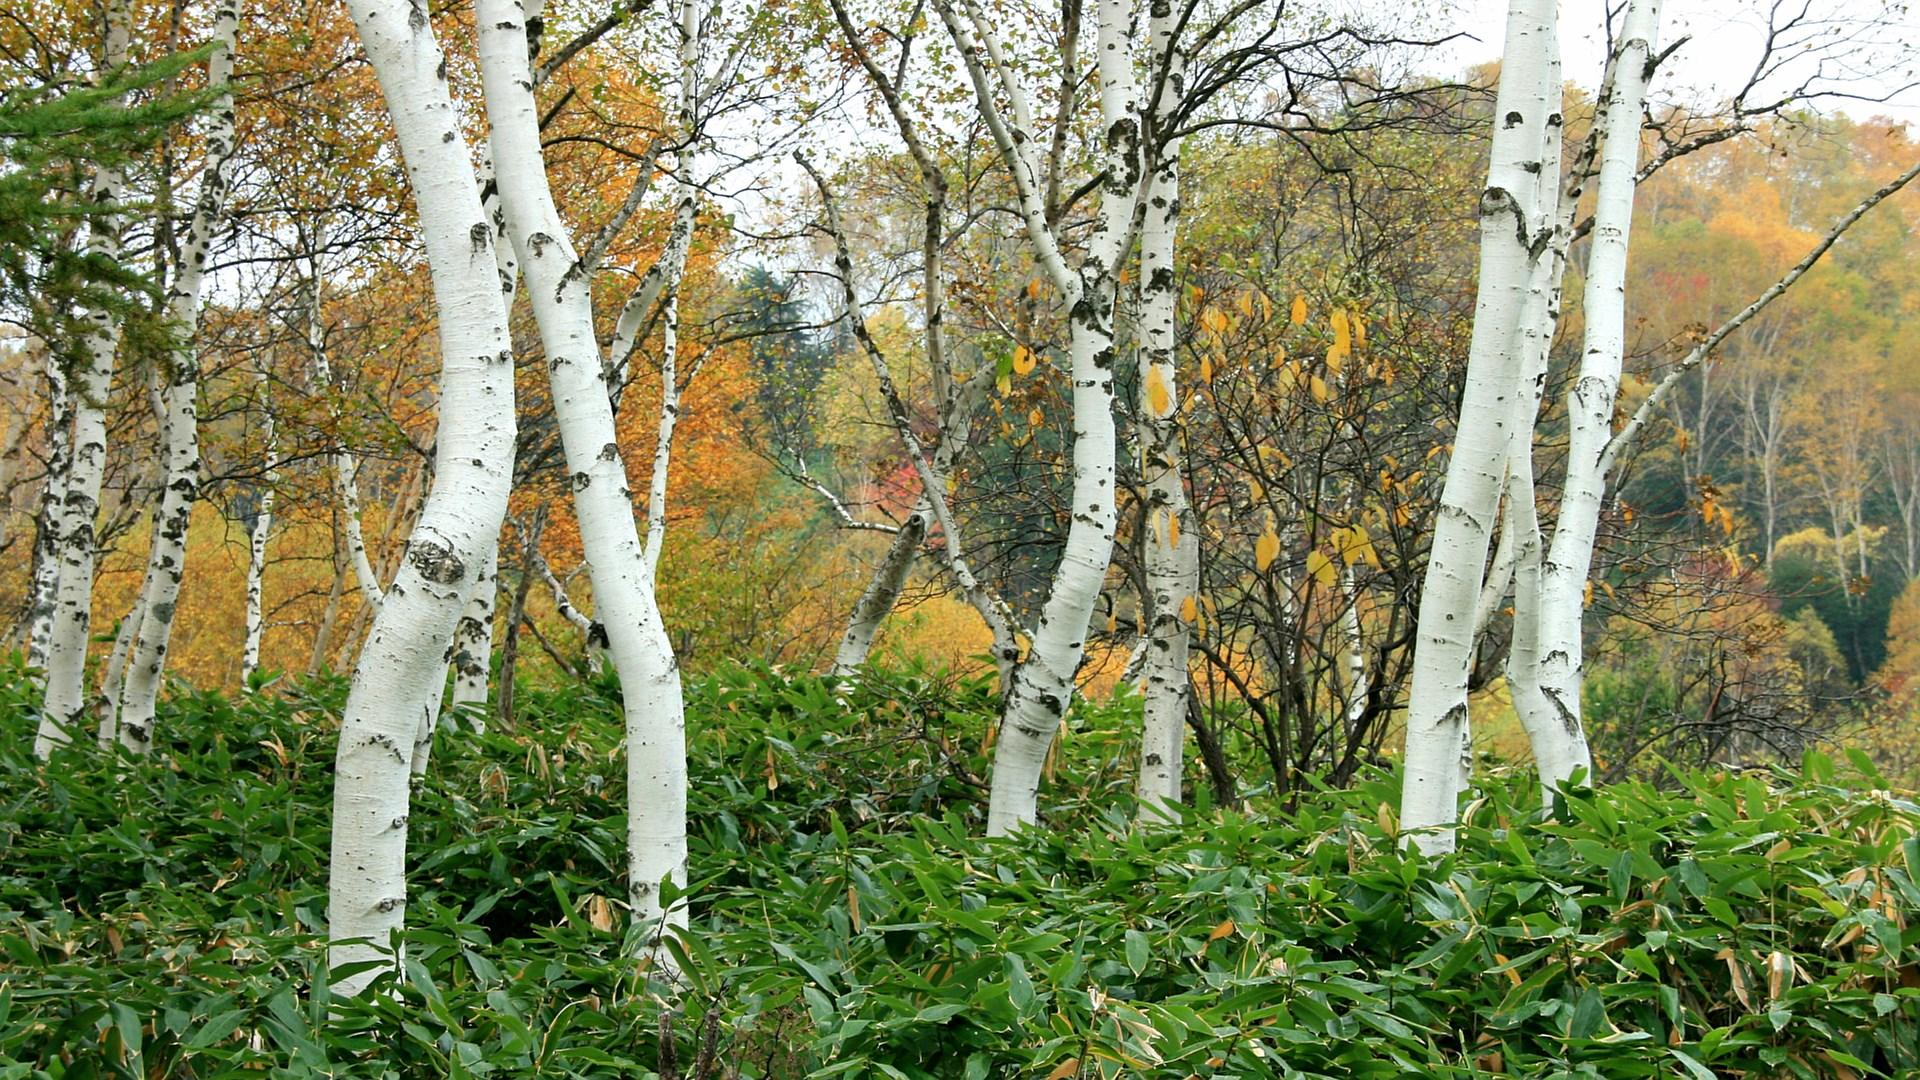 笹と白樺 笹と白樺 画像をクリックすればフルHD1920x1080の壁紙が表示され... フルh